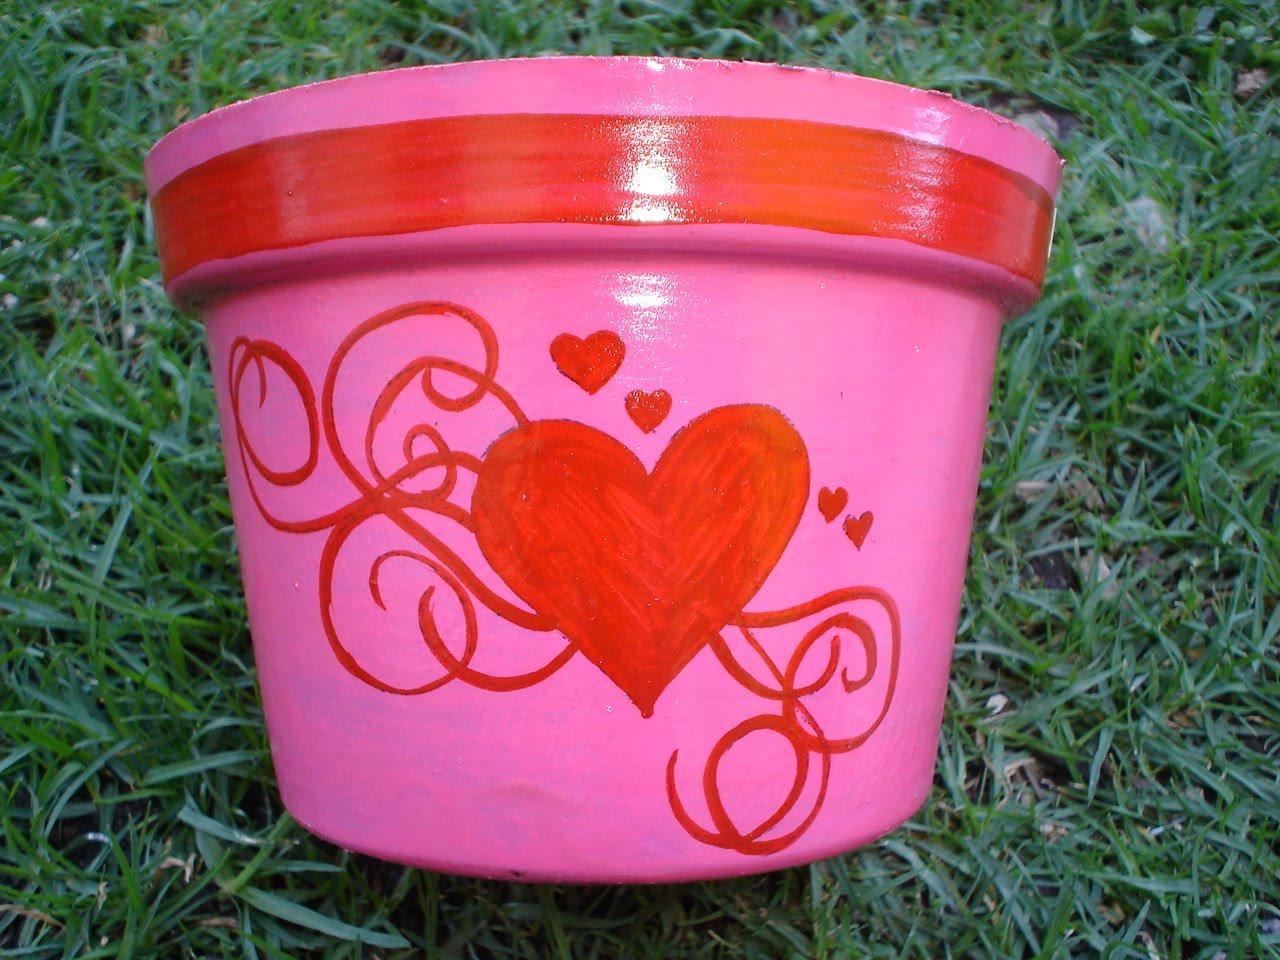 Imagenes Para San Valentín Imágenes de AMOR - Imagenes De Regalos Para San Valentin